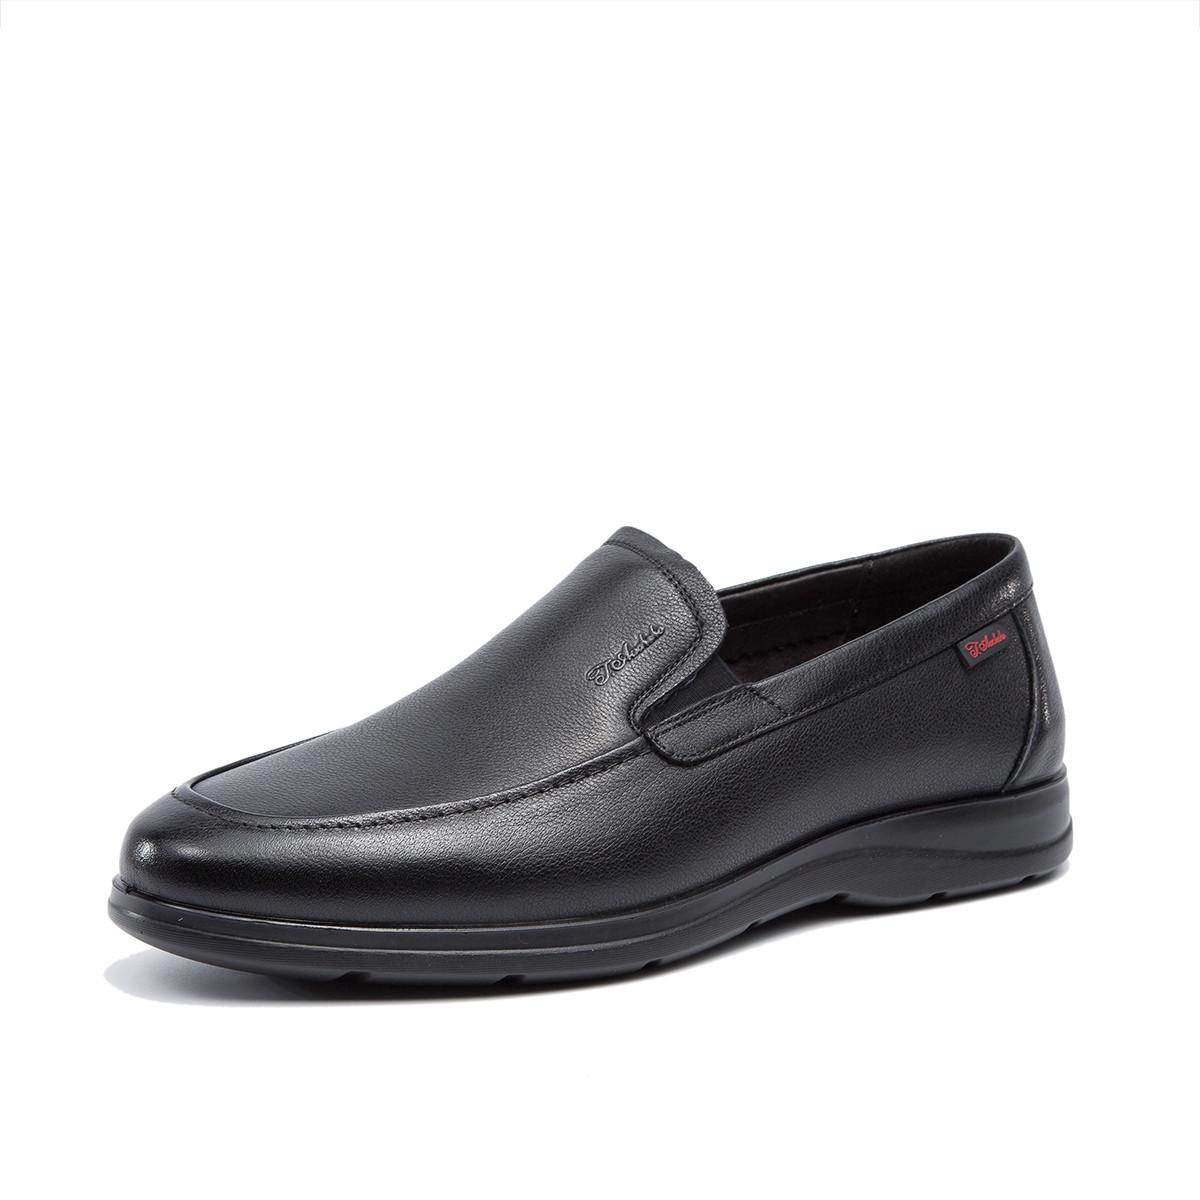 迪宝·阿治奥2020新款 质感牛皮保暖鞋男皮鞋男士商务皮鞋男鞋男士皮鞋DJ2A2881011D